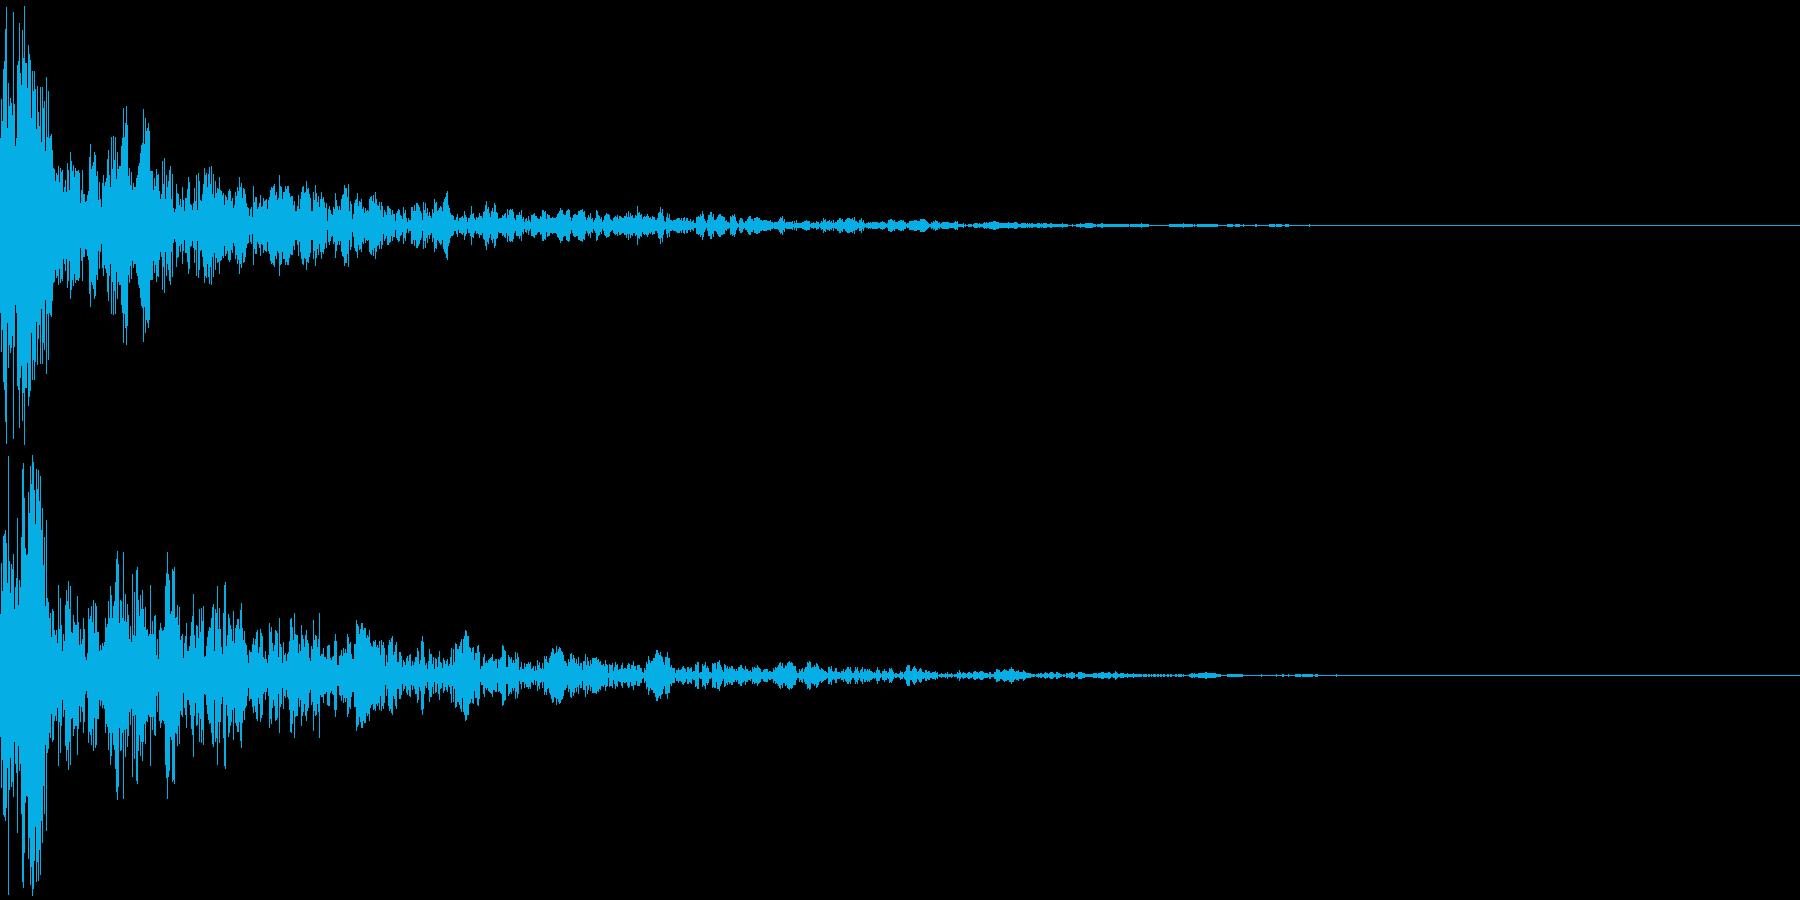 ドーン-17-2(インパクト音)の再生済みの波形